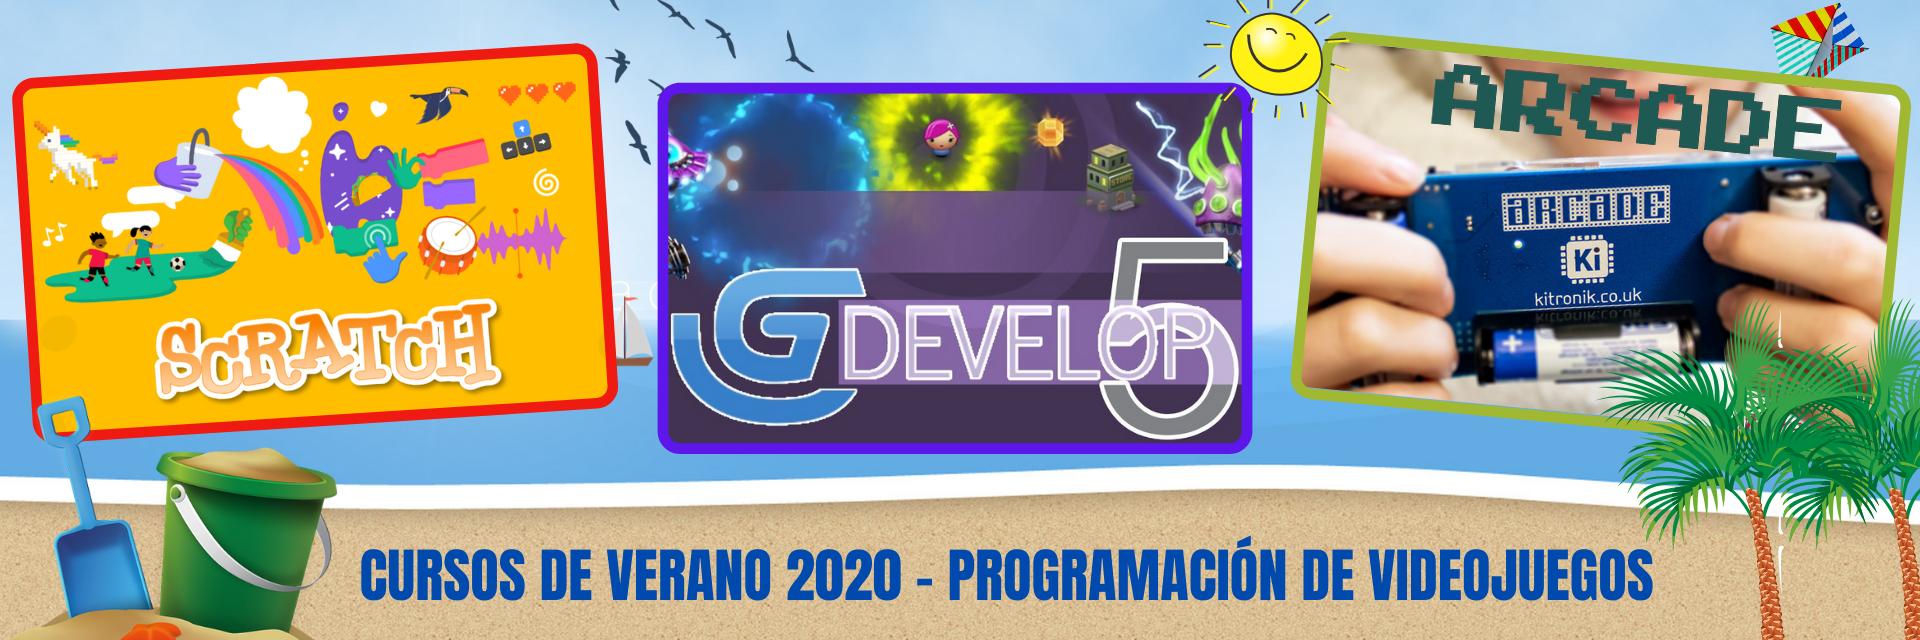 Cursos de verano 2020 - Programación y videojuegos